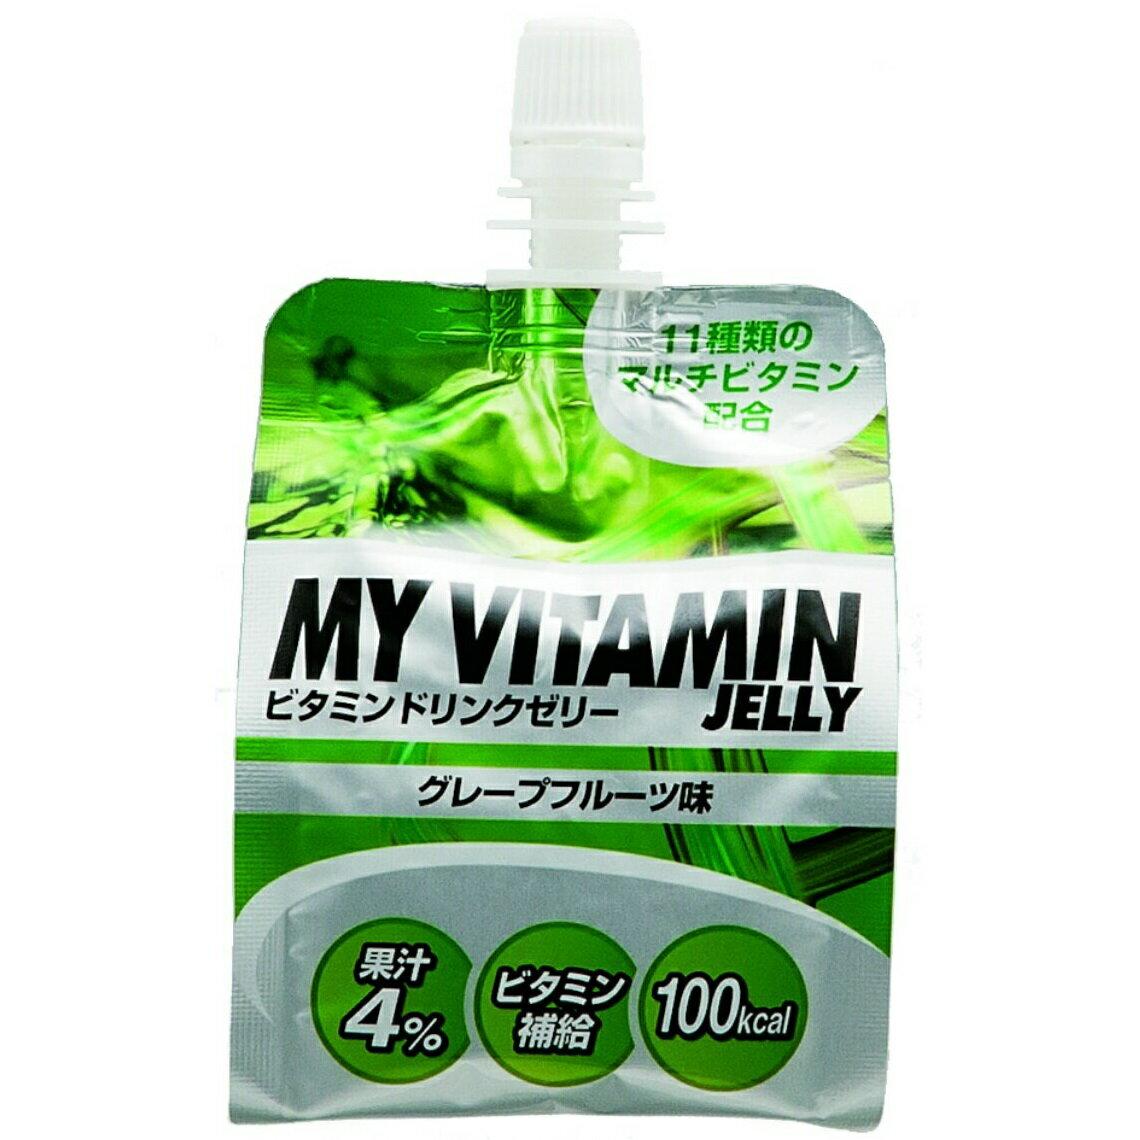 ビジョンクエスト Vision Questサプリビタミンゼリー グレープフルーツ味EGJ-GF ビタミン補給 ゼリー飲料 低価格 sw